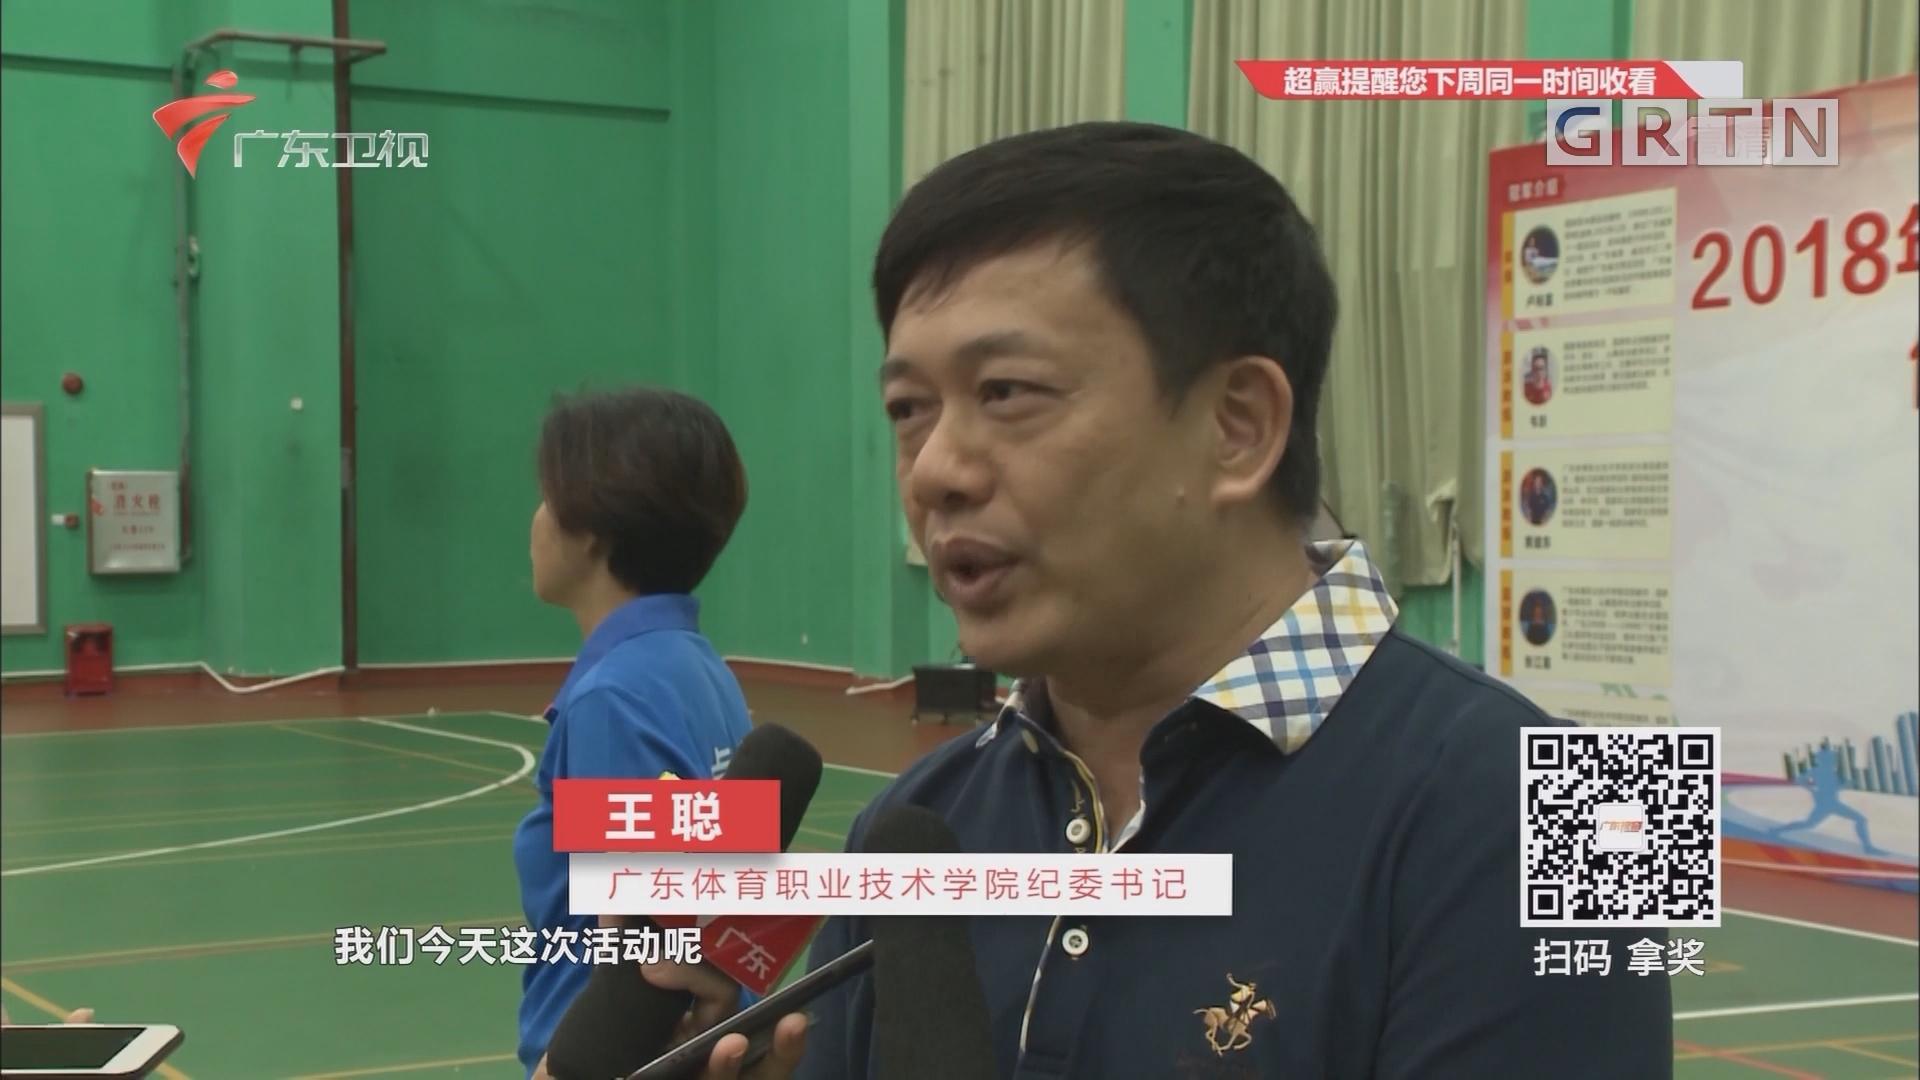 广州:体育嘉年华 陪你运动一夏